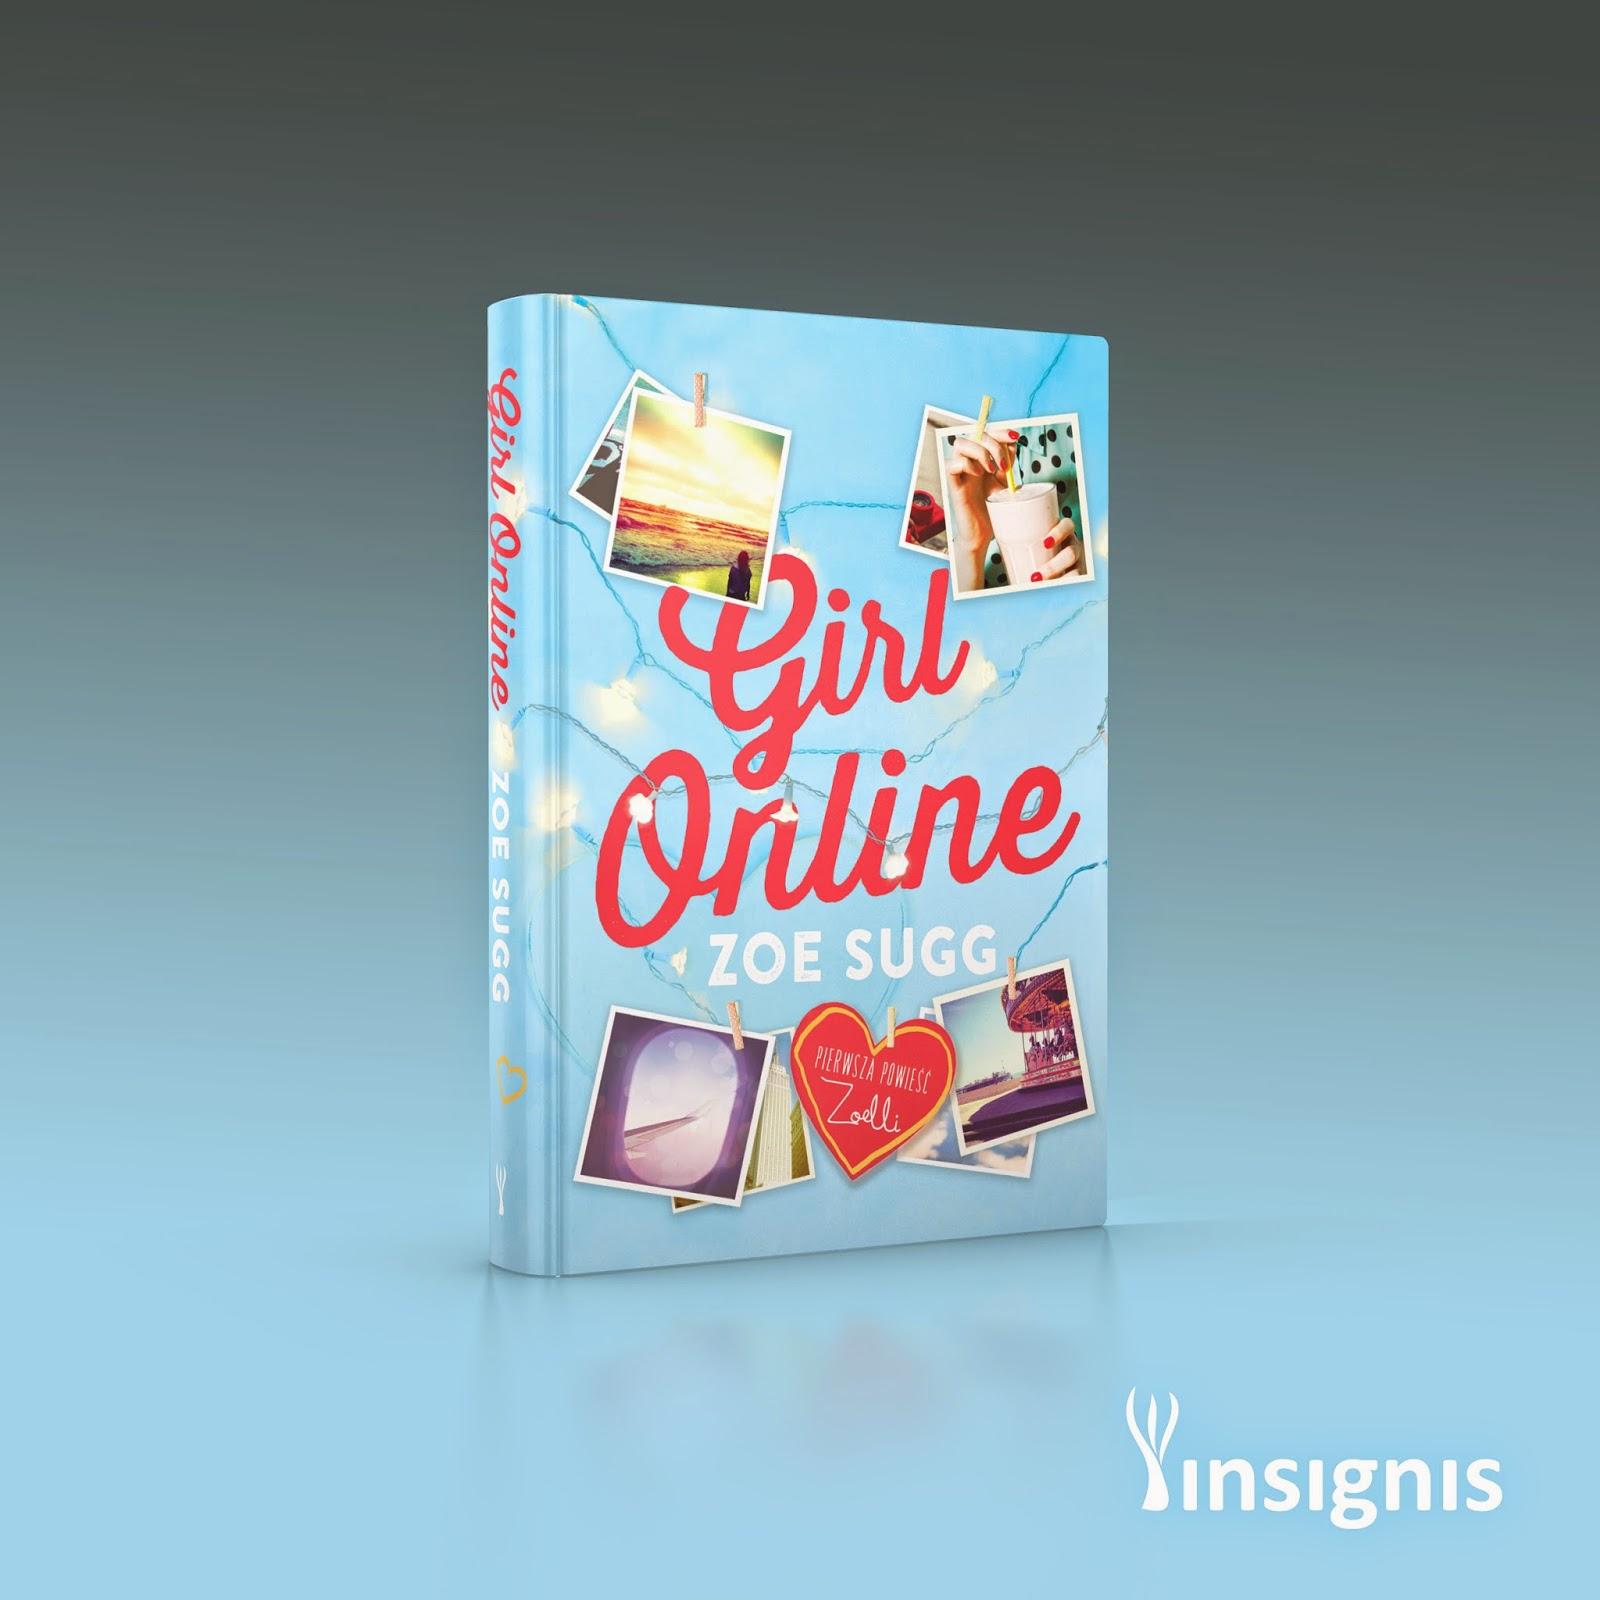 Girl Online - nowość od wydawnictwa Insignis, już niebawem pojawi się na półkach !